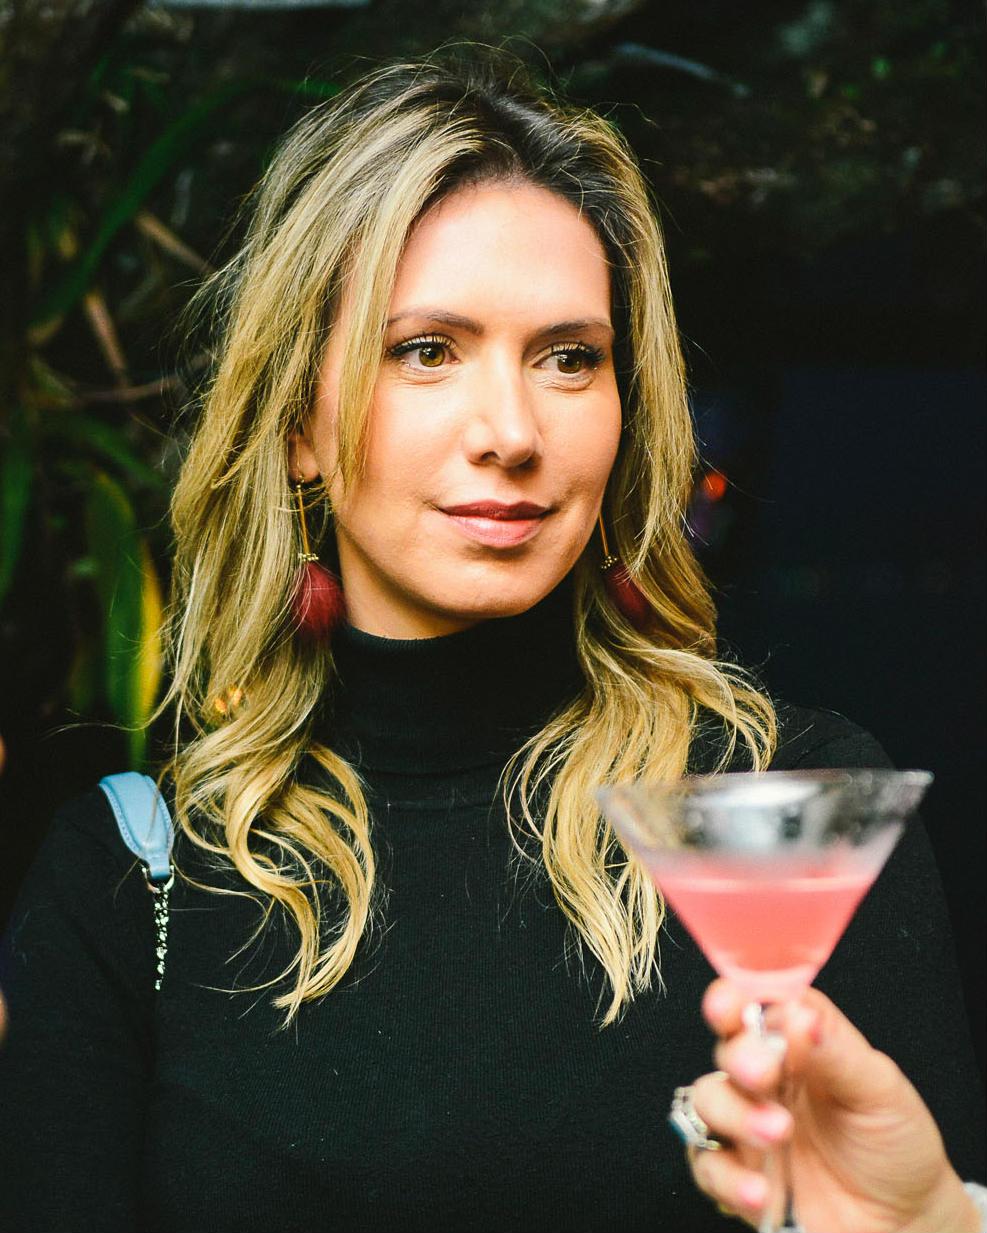 Alissa Martini